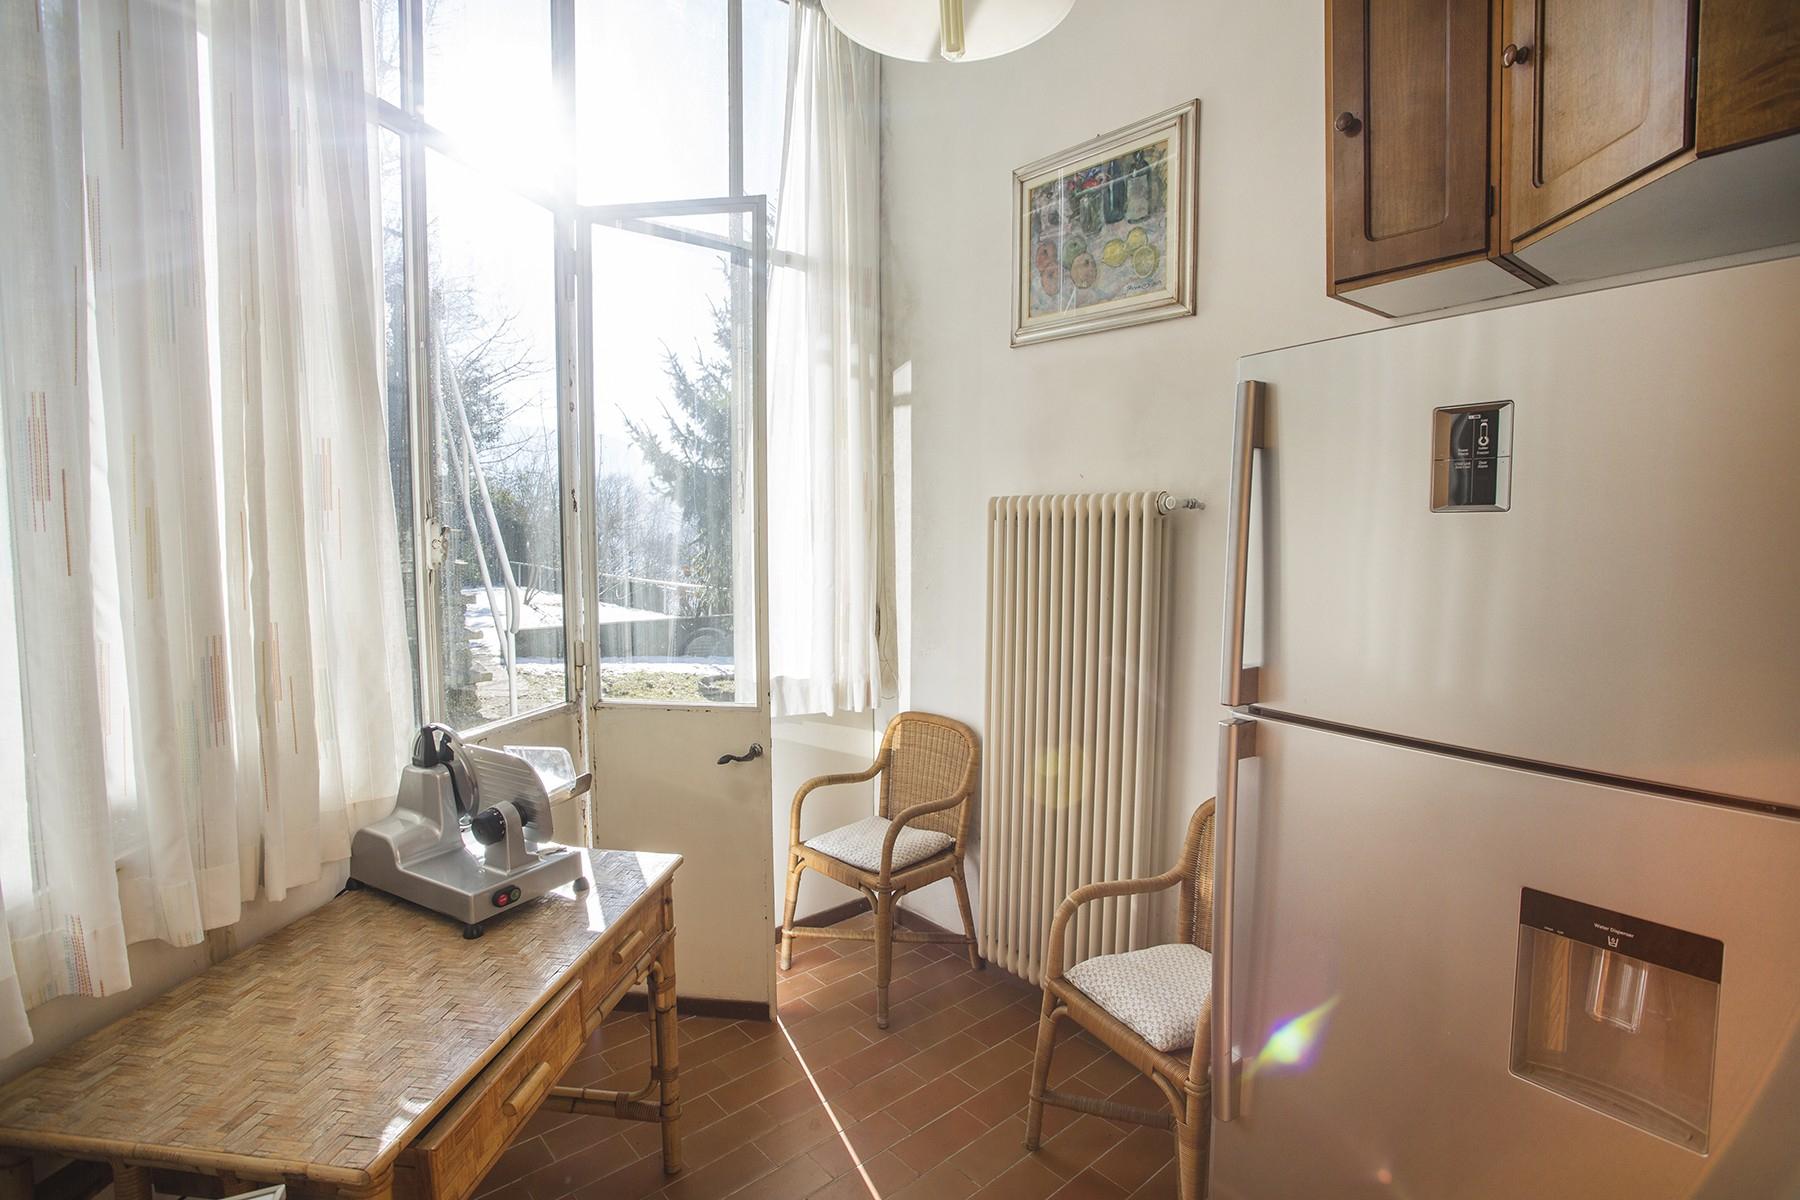 Villa in Vendita a Nesso: 5 locali, 250 mq - Foto 17